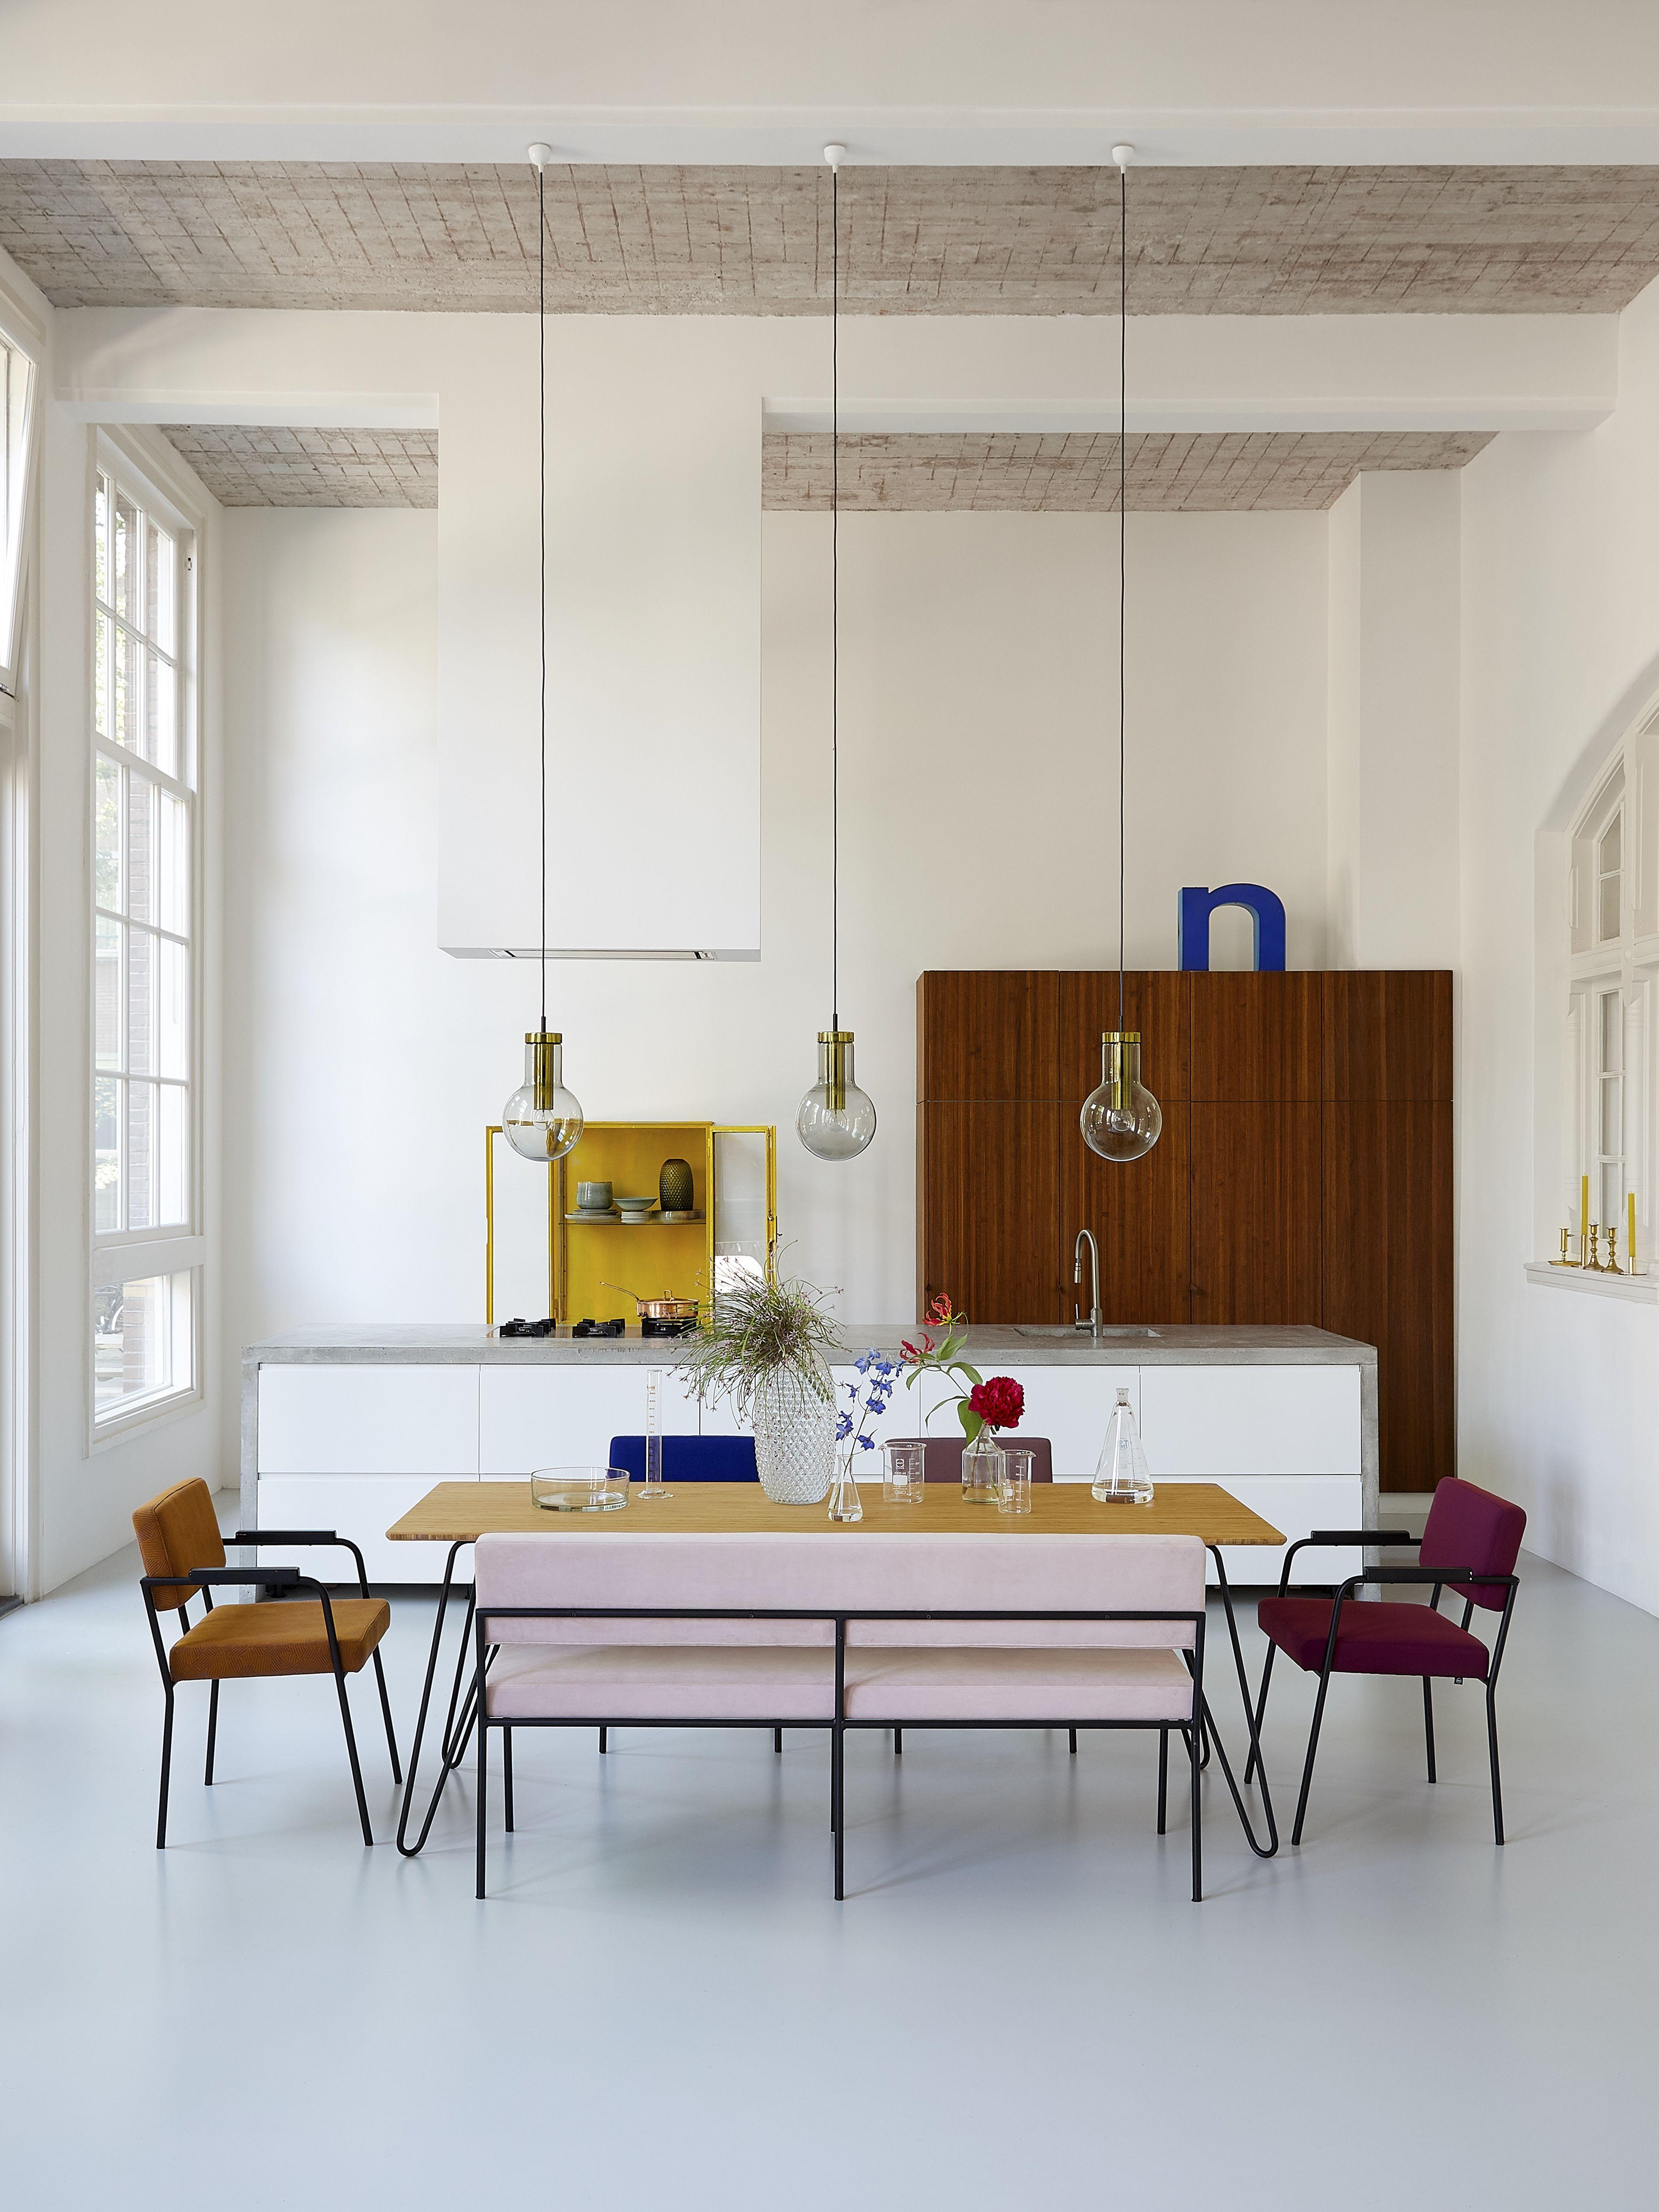 Pin di Alexandra Gredler su Interiors | Pinterest | Soggiorno ...